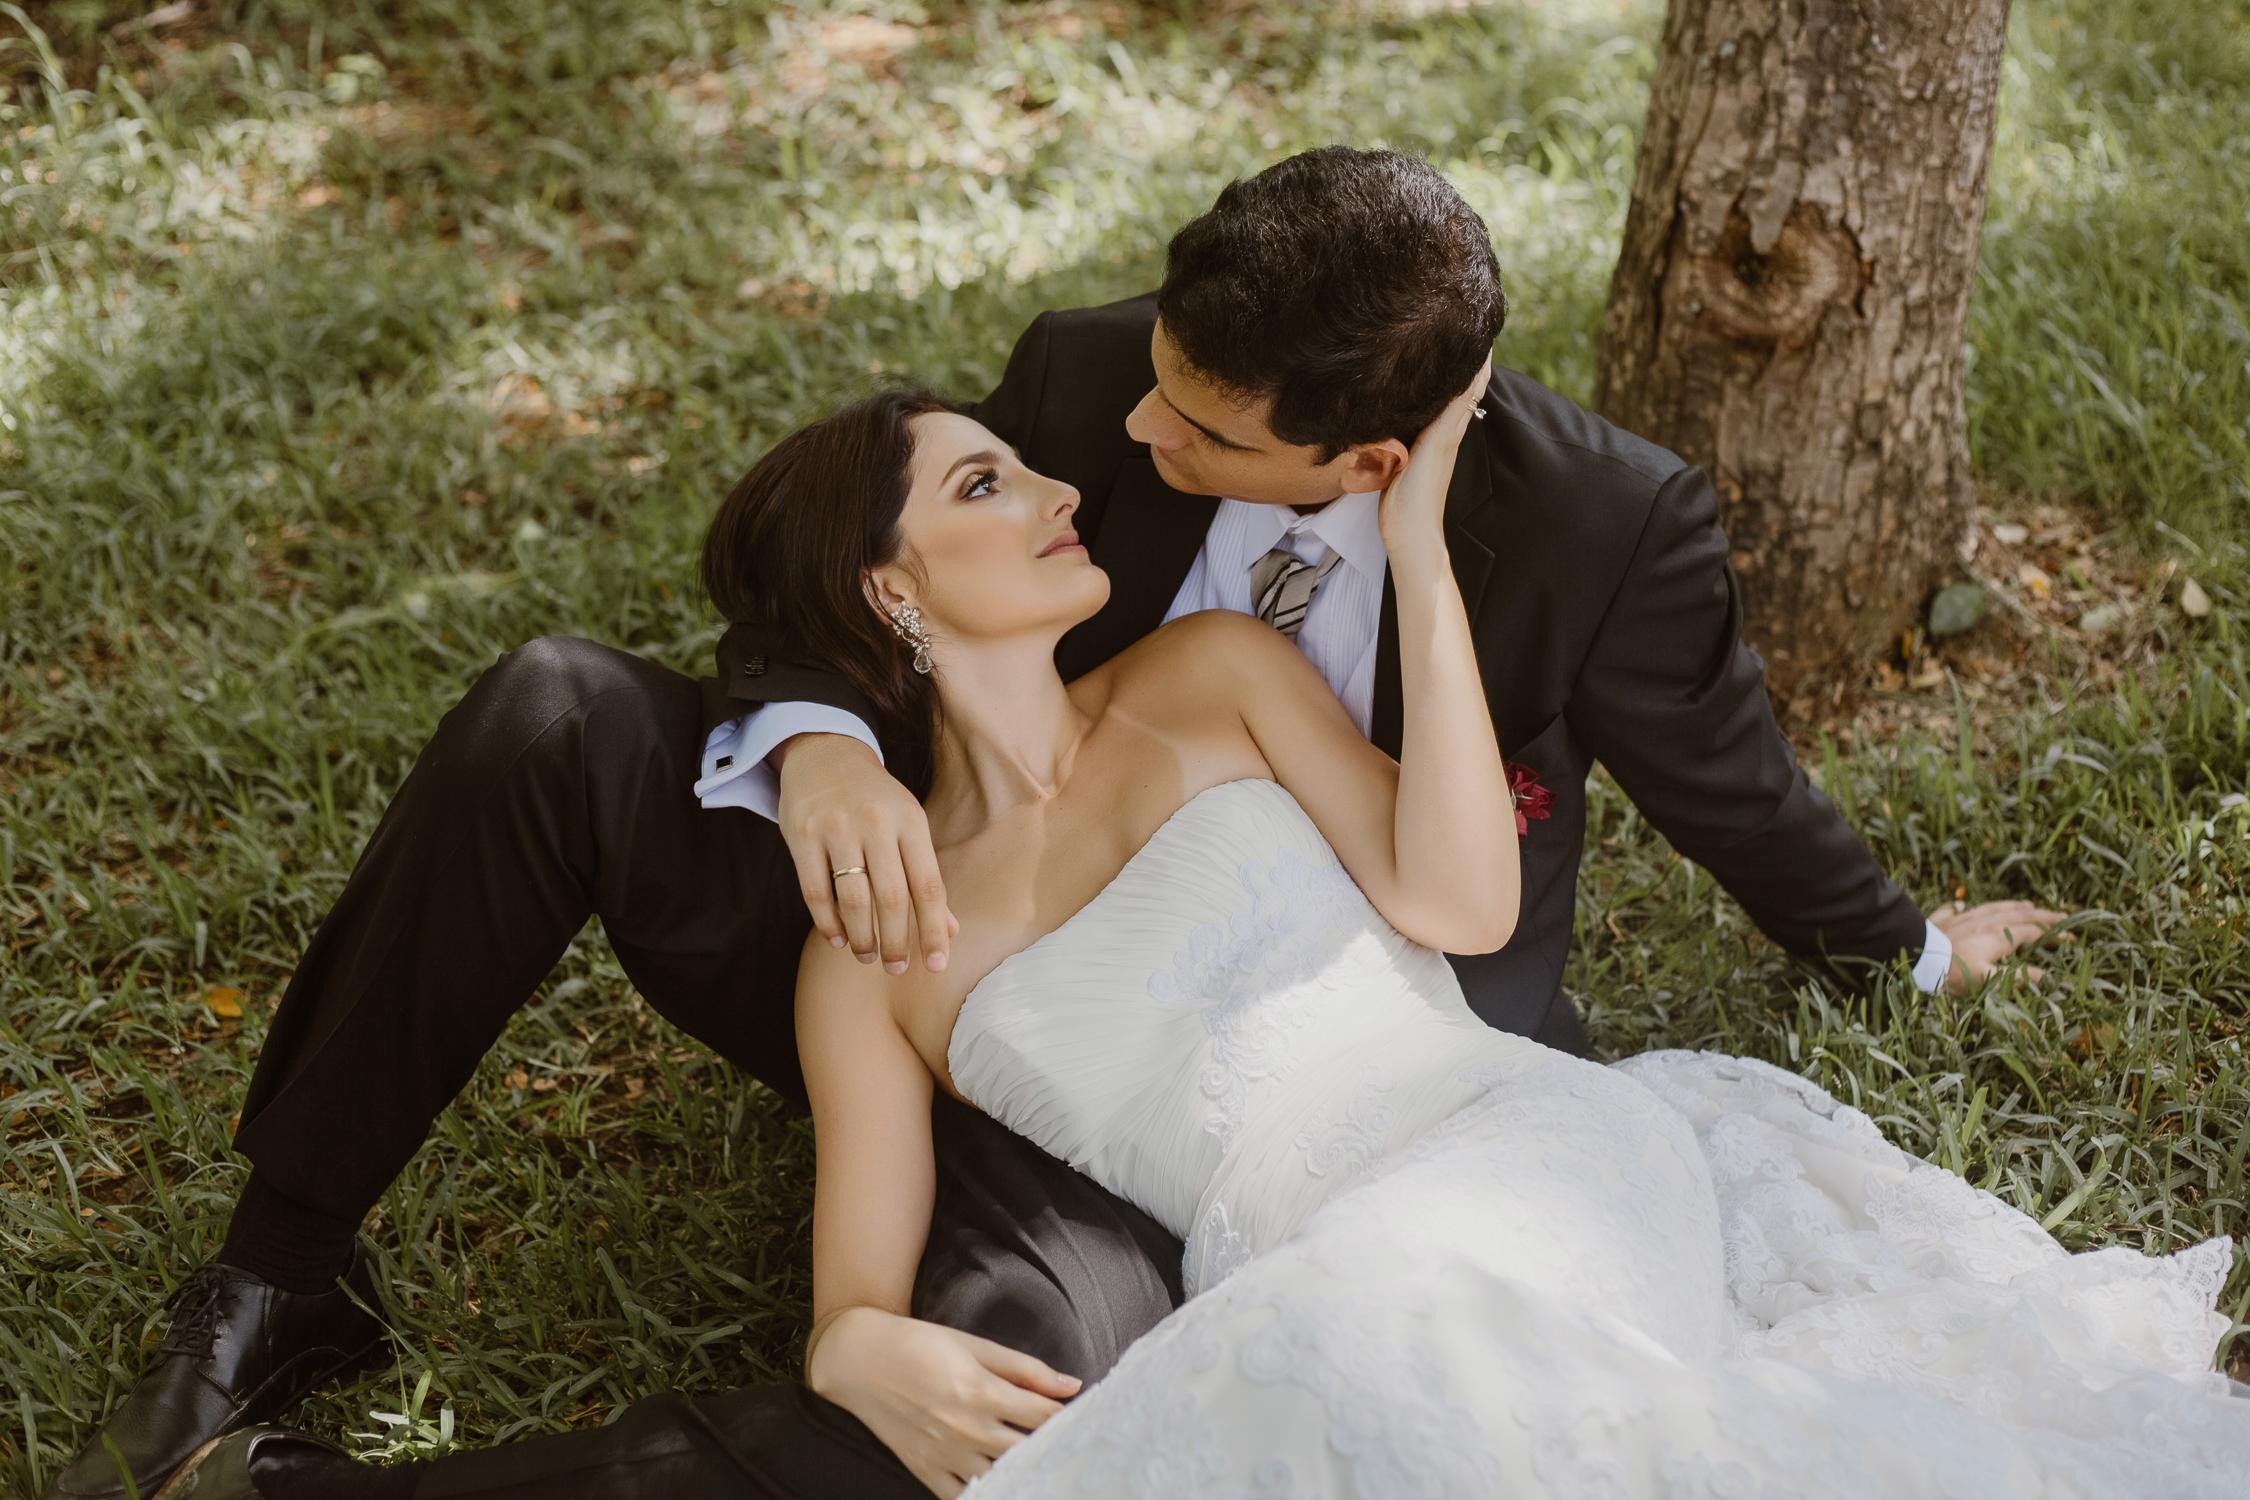 Michelle-Agurto-Fotografia-Bodas-Ecuador-Destination-Wedding-Photographer-Nathalie-Sebas-11.JPG